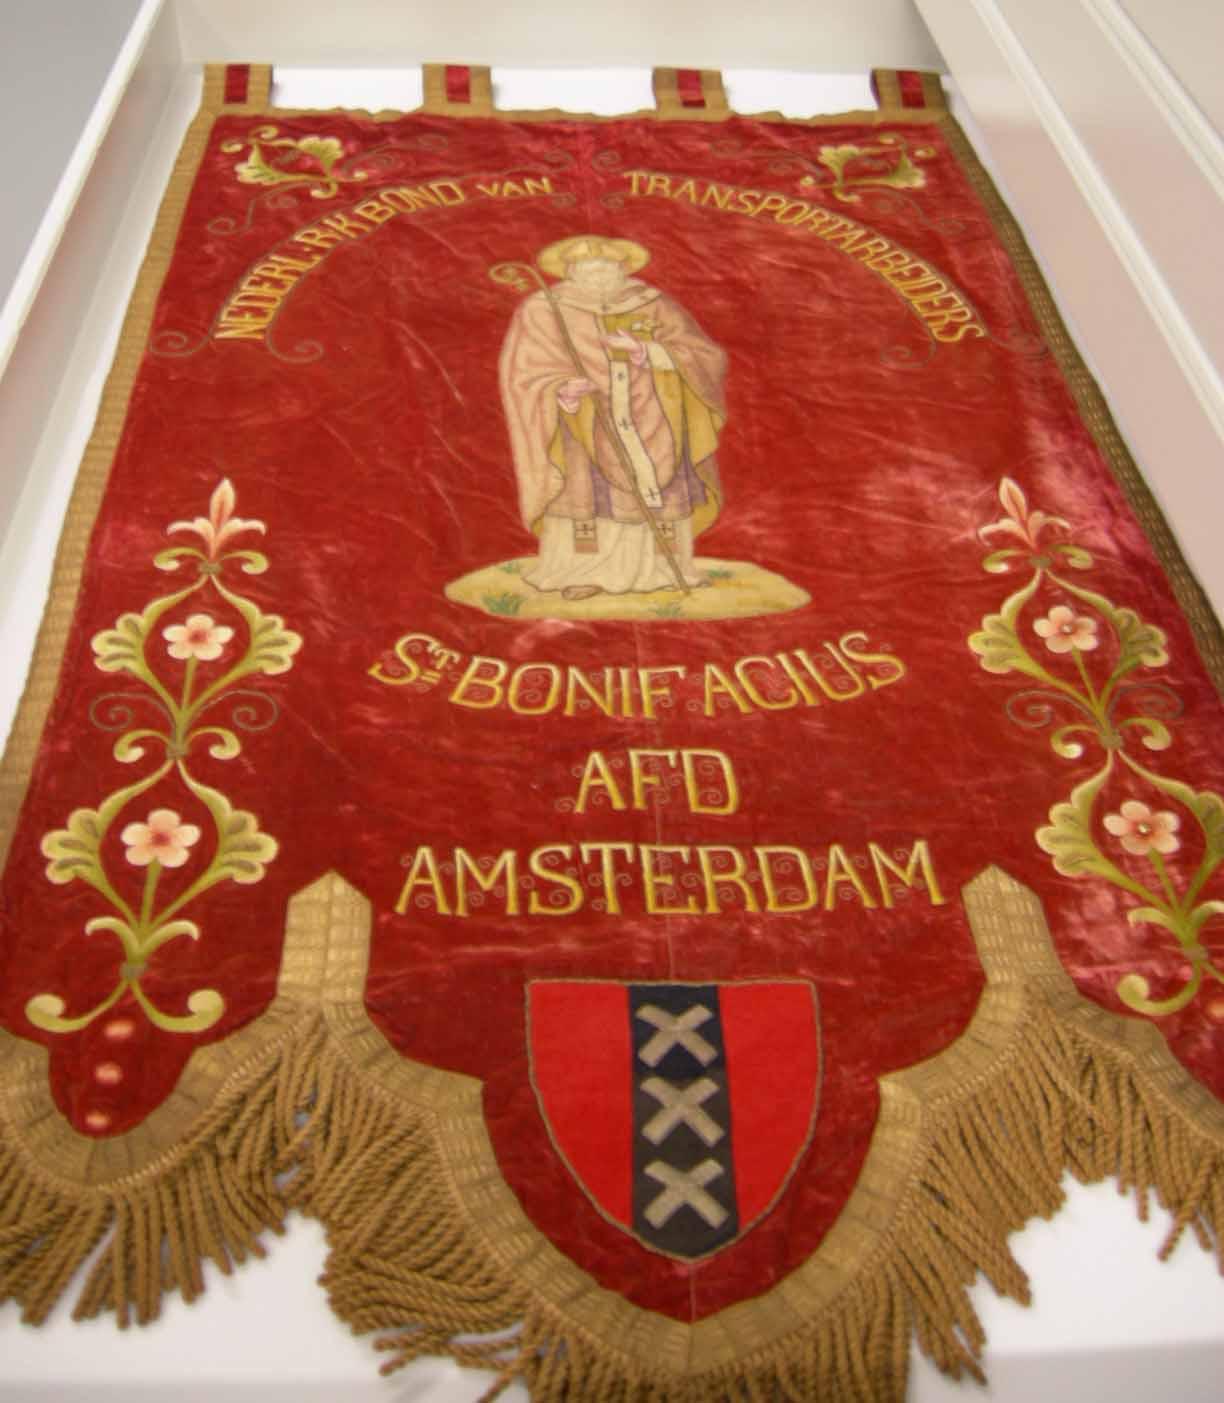 Vaandel Nederlandsche Roomsch Katholieke Bond van Transportarbeiders St. Bonifacius, Afd. Amsterdam